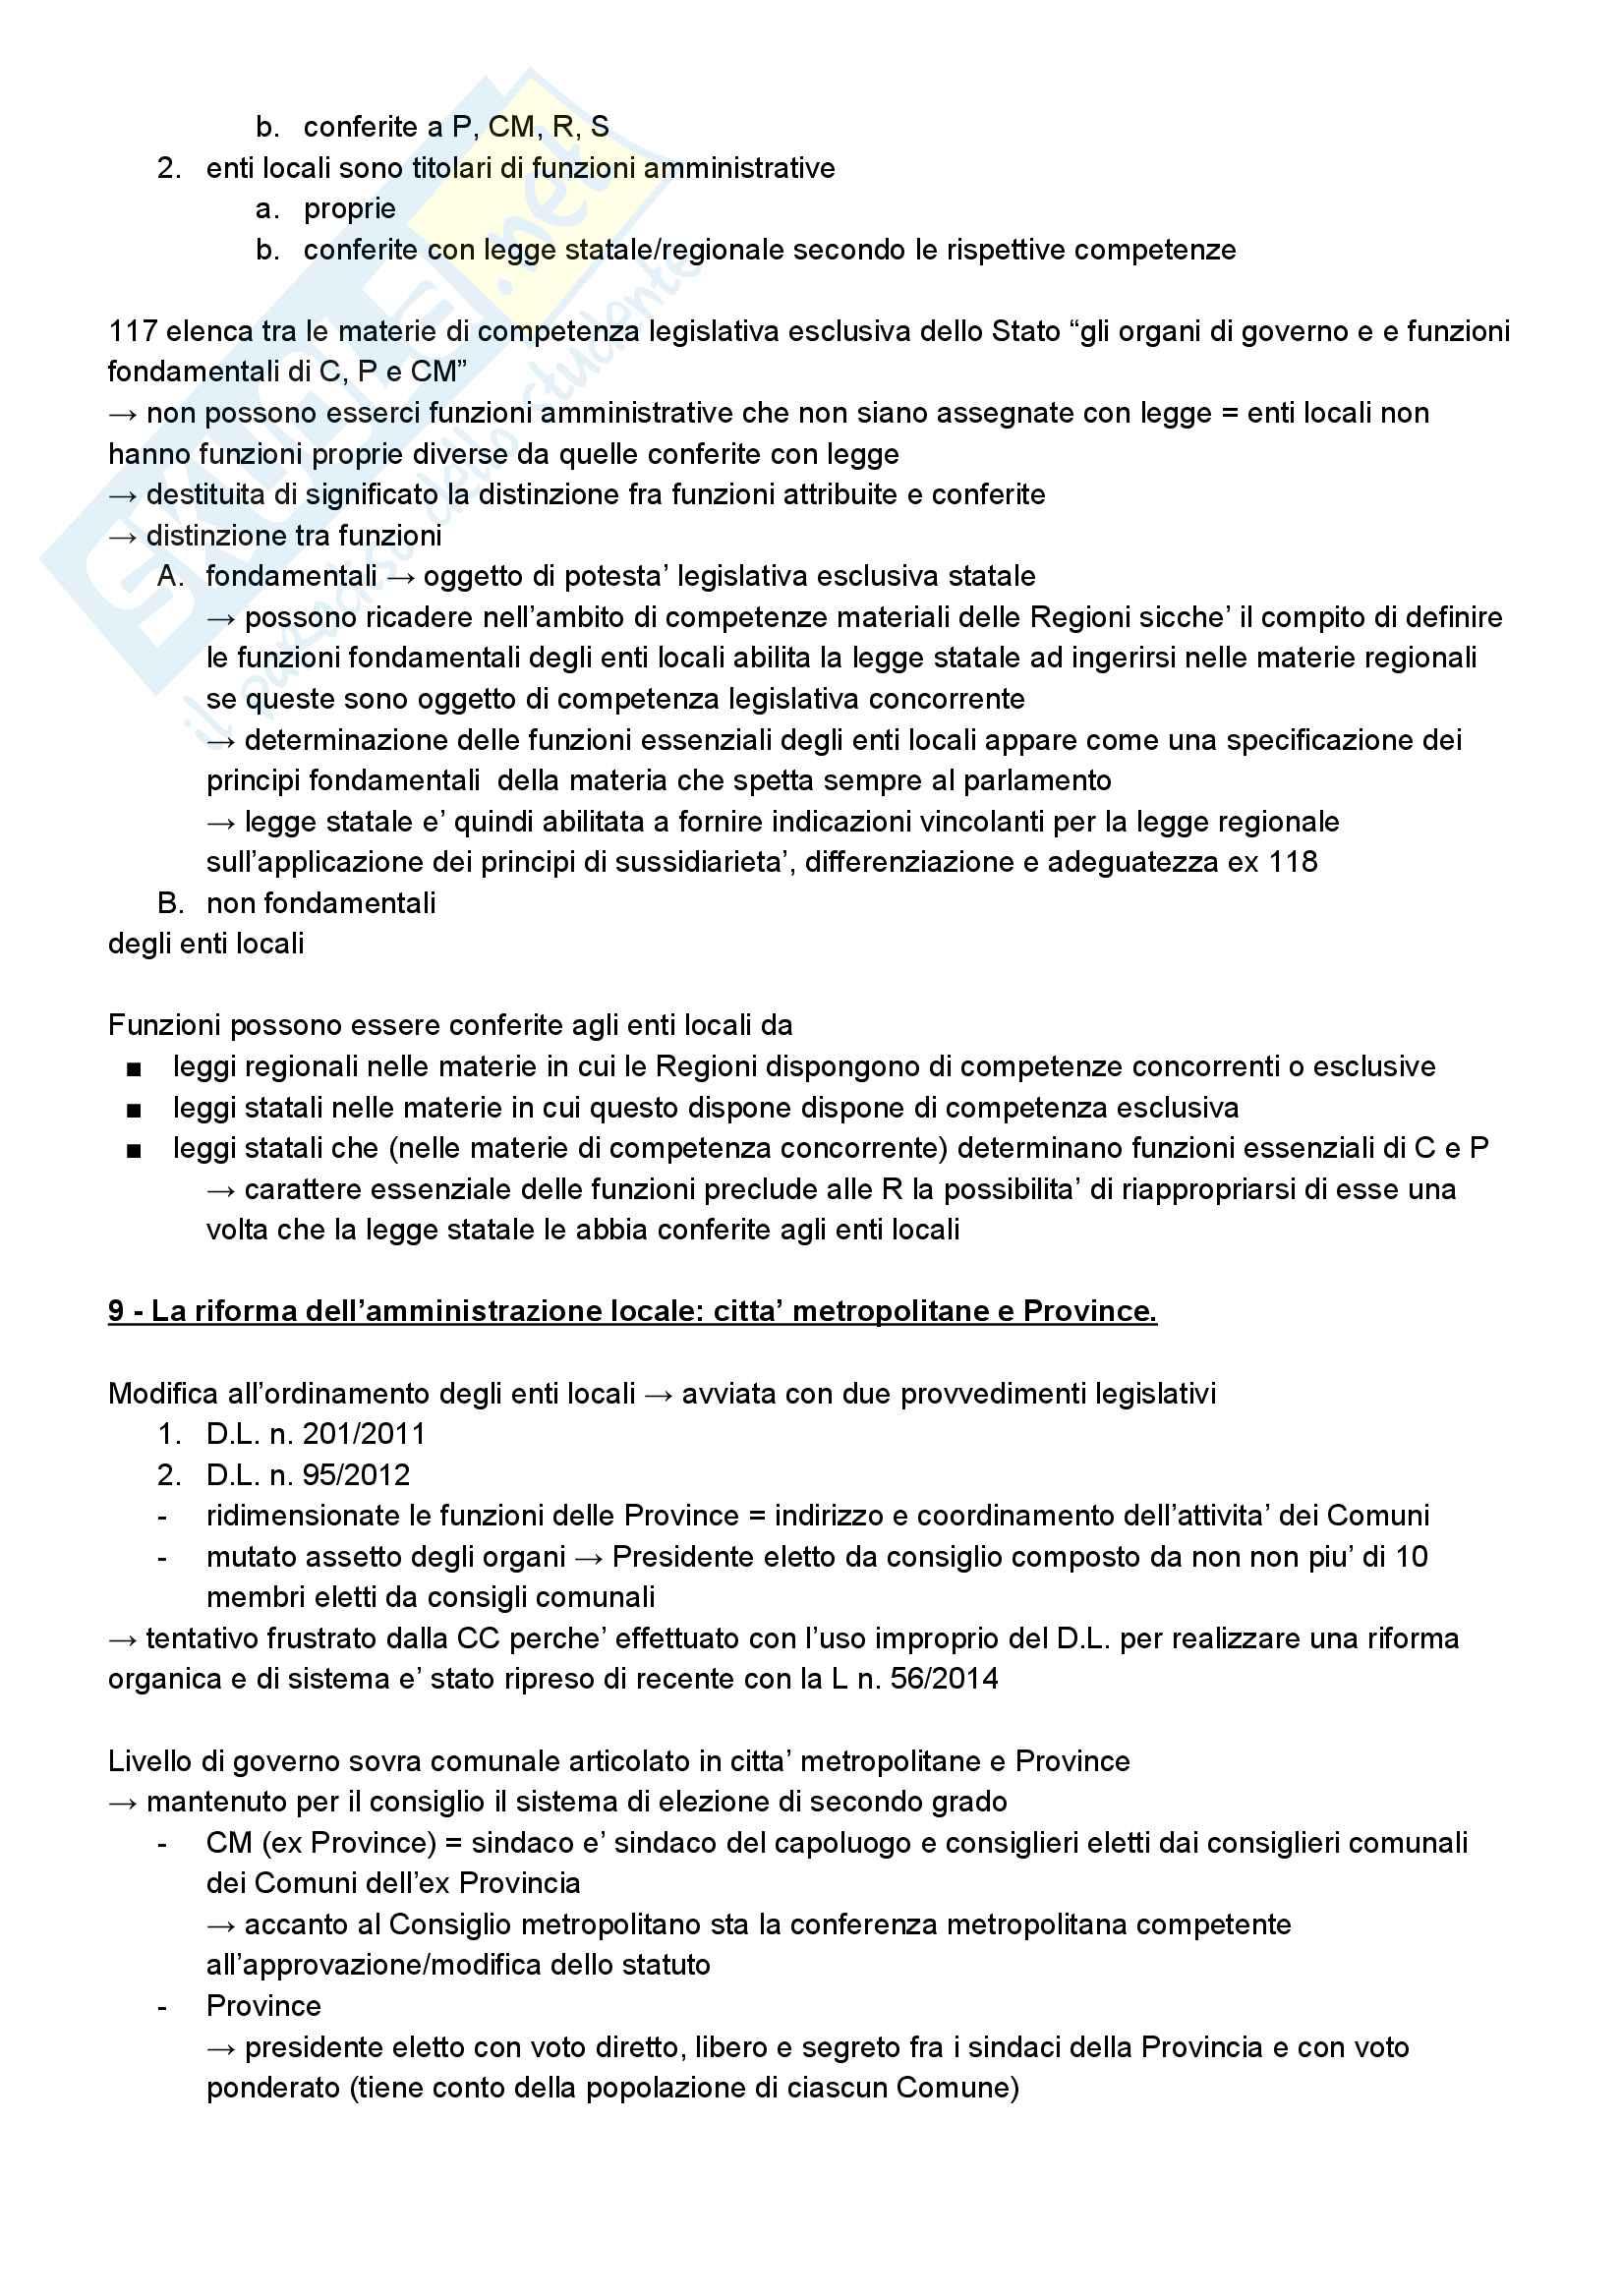 Riassunto esame diritto amministrativo, prof. Barbara Marchetti (UniTn), libro consigliato Manuale di Diritto Amministrativo, Guido Corso, ultima edizione, AA. 2016/2017 Pag. 26